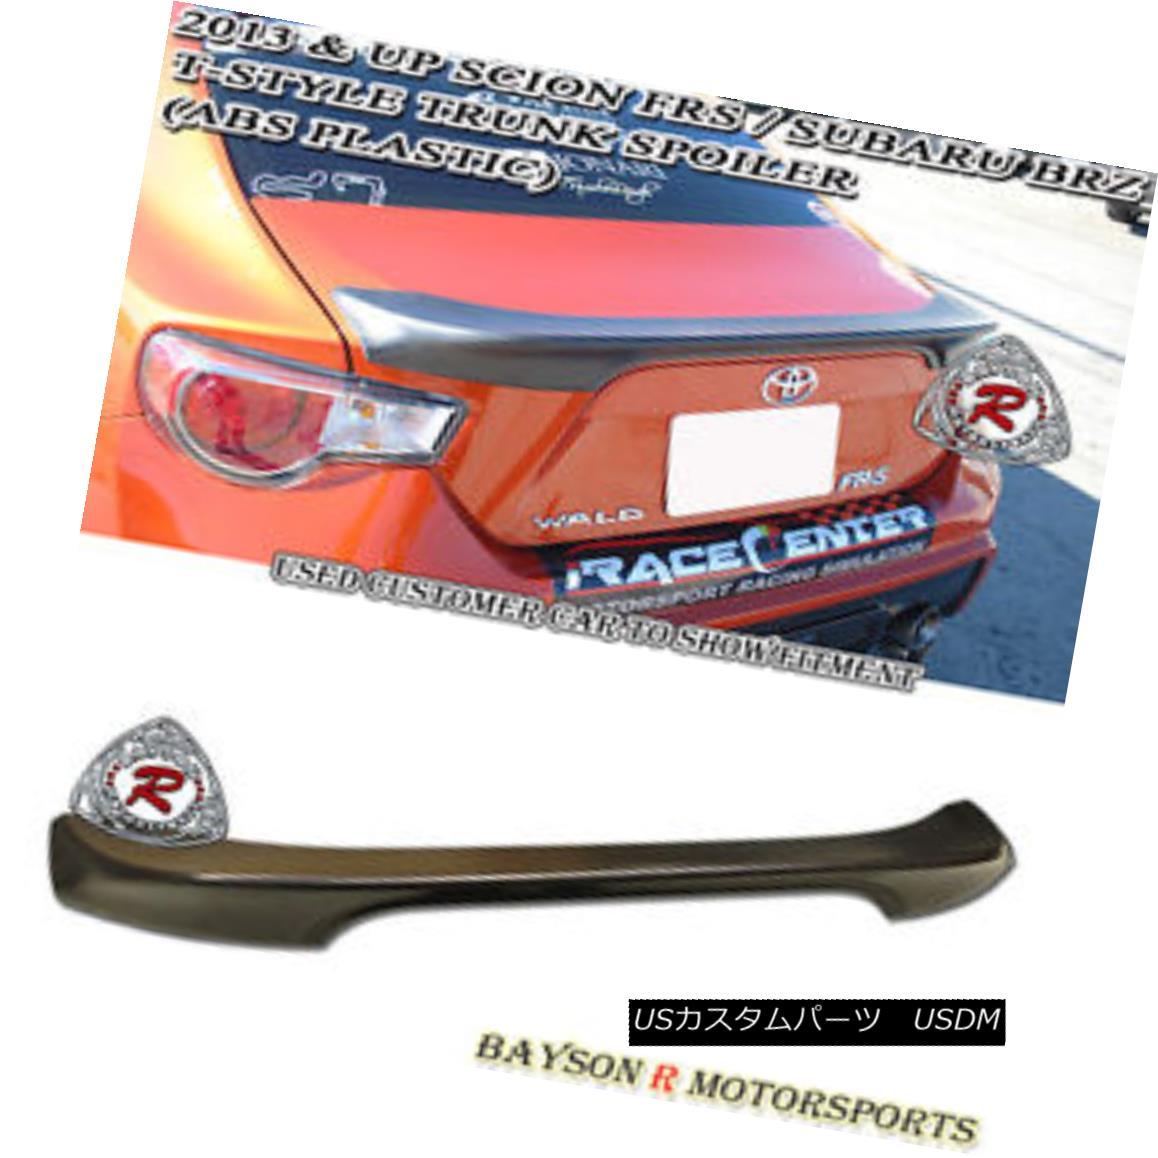 エアロパーツ T-Style Trunk Spoiler Wing (ABS Plastic) Fits 12-18 BRZ FR-S T-スタイルトランクスポイラーウイング(ABSプラスチック)12-18 BRZ FR-Sに適合